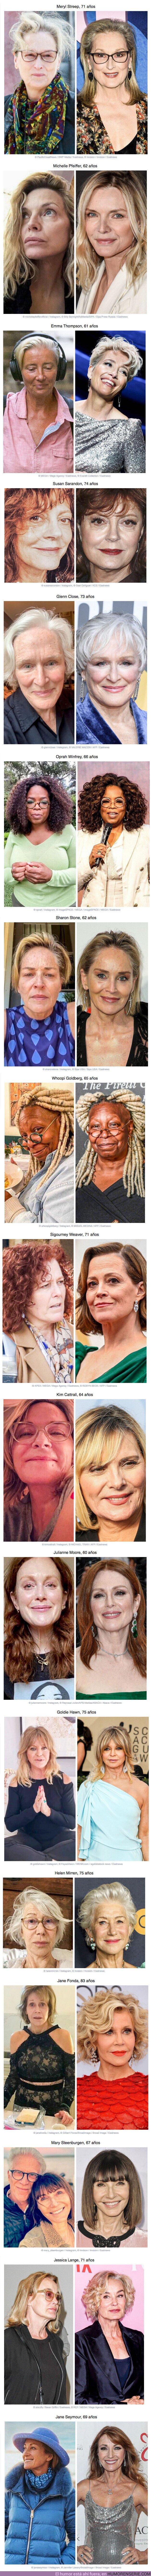 64281 - GALE´RIA: Comparamos a 17 famosas que tienen más de 60 años en su vida usual y en la alfombra roja